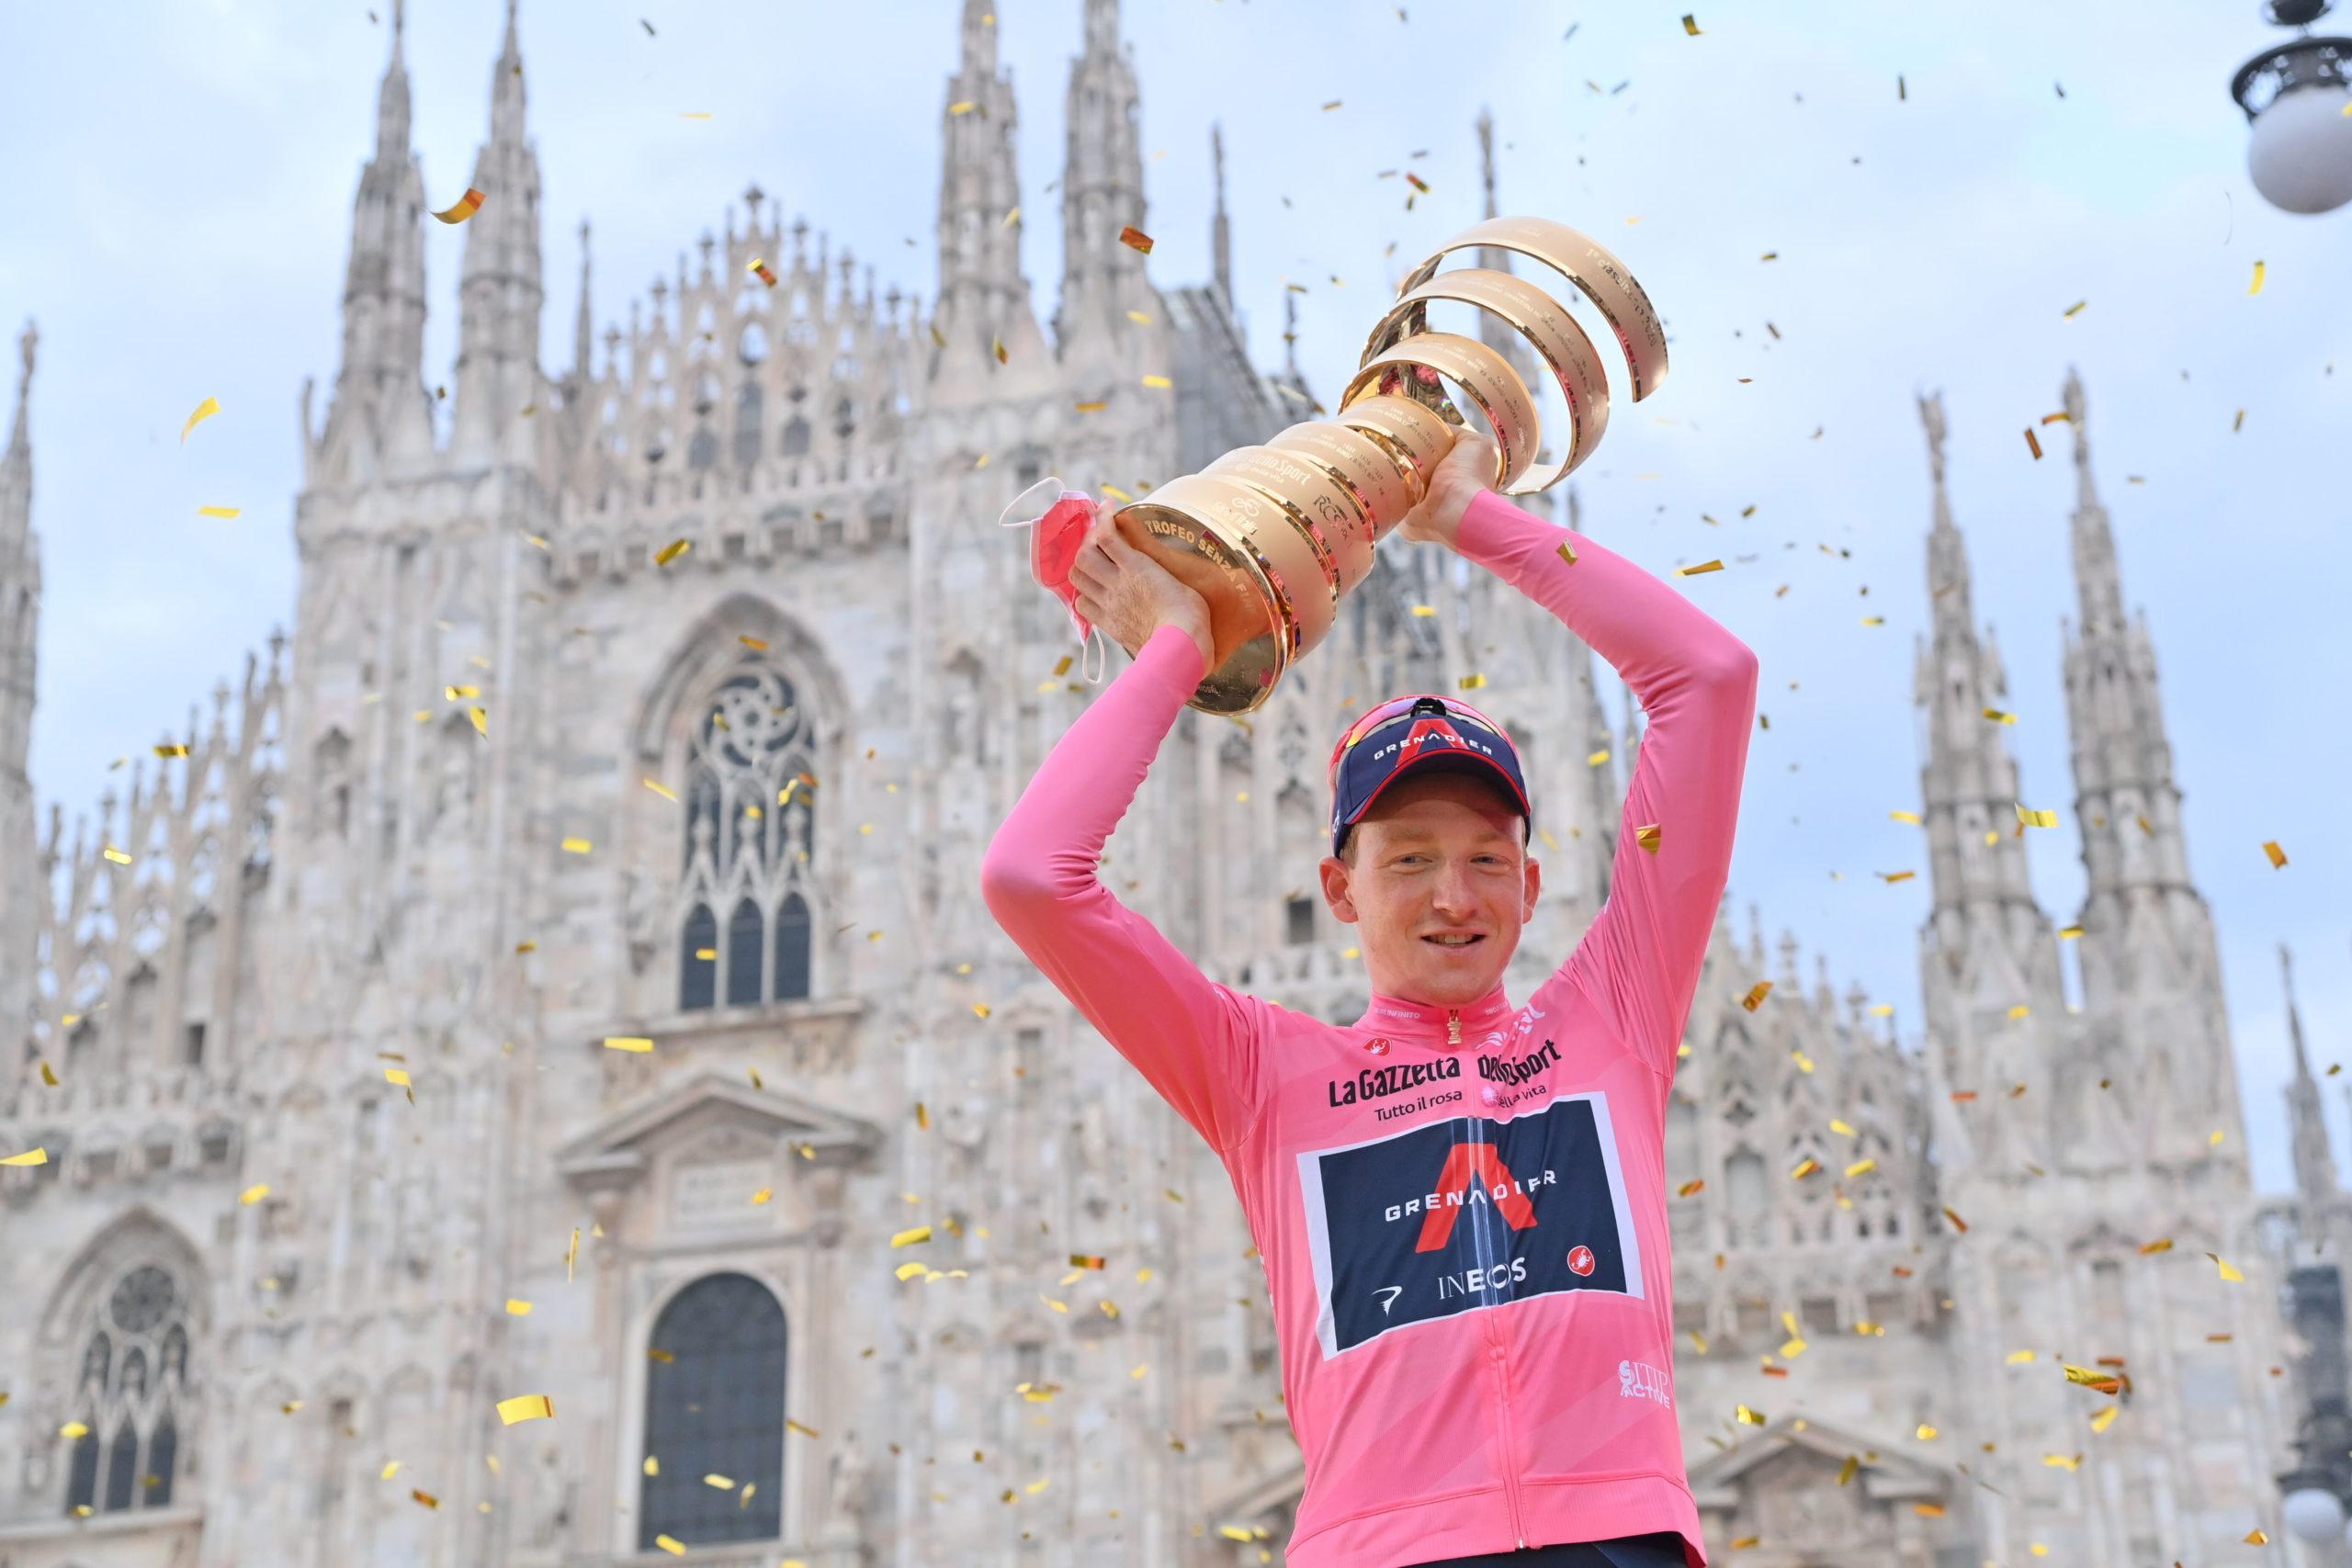 Historisk afslutning på Giro d'Italia